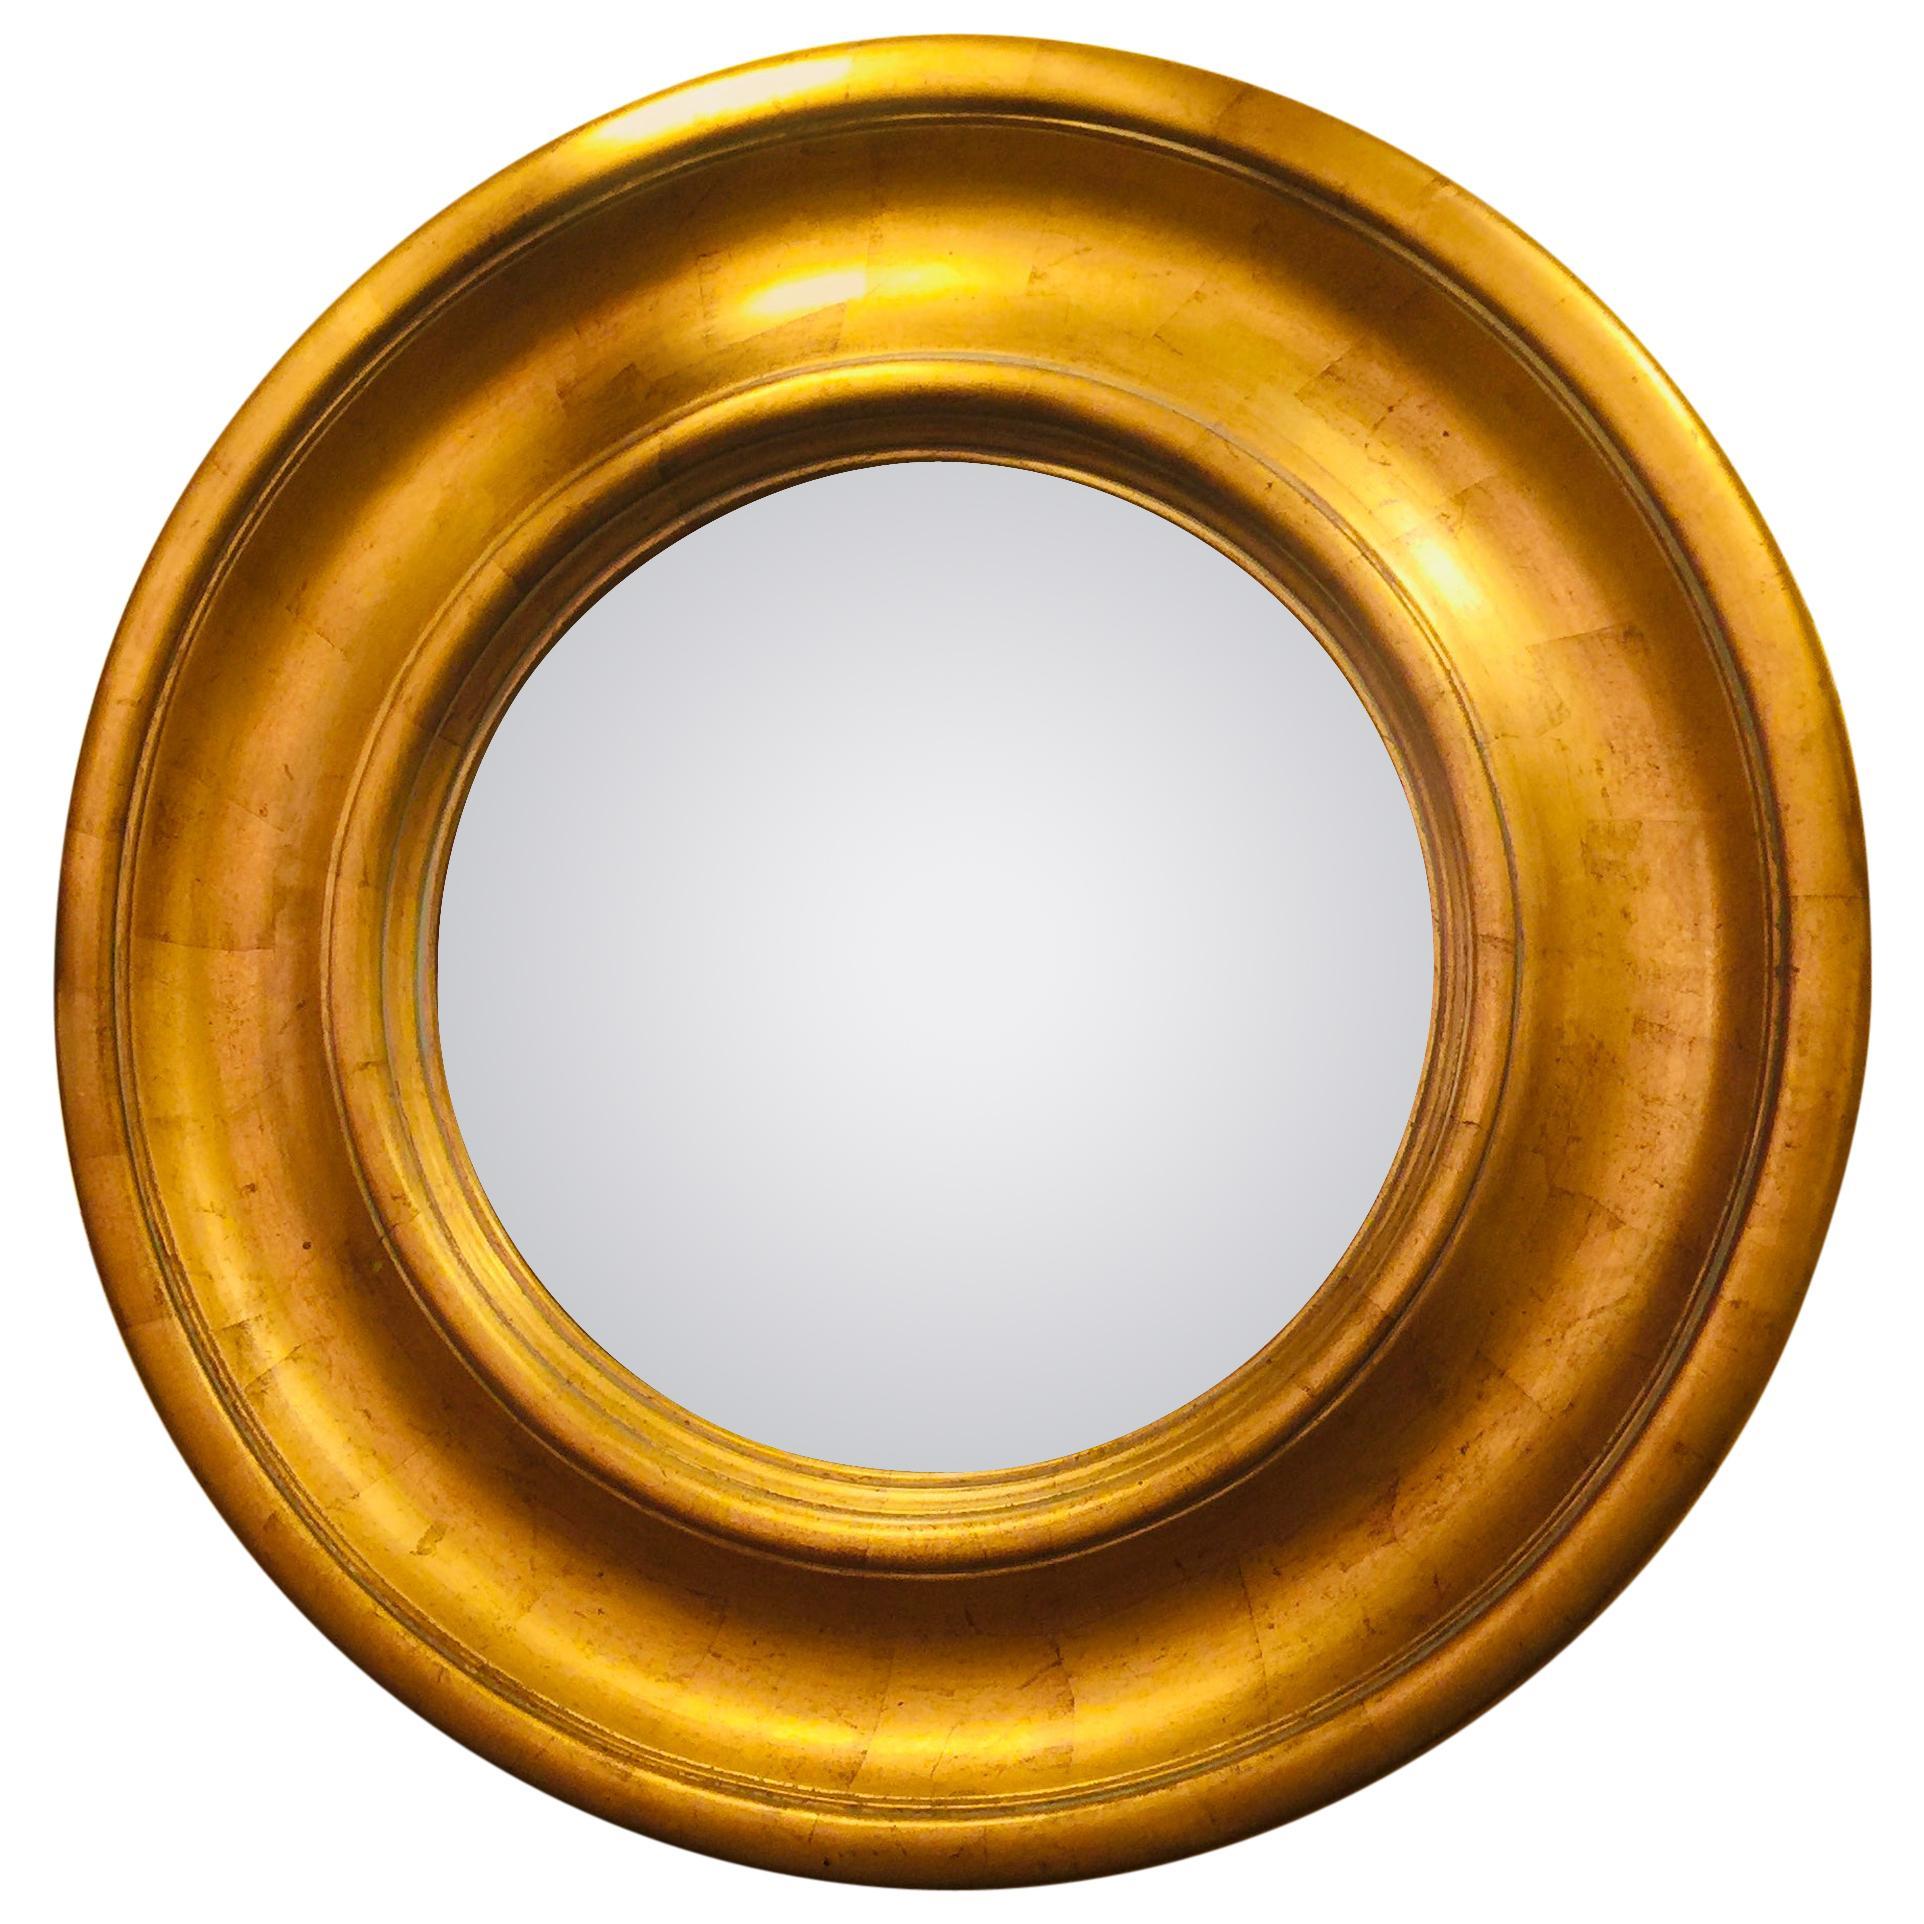 English Round Gilded Wooden Mirror